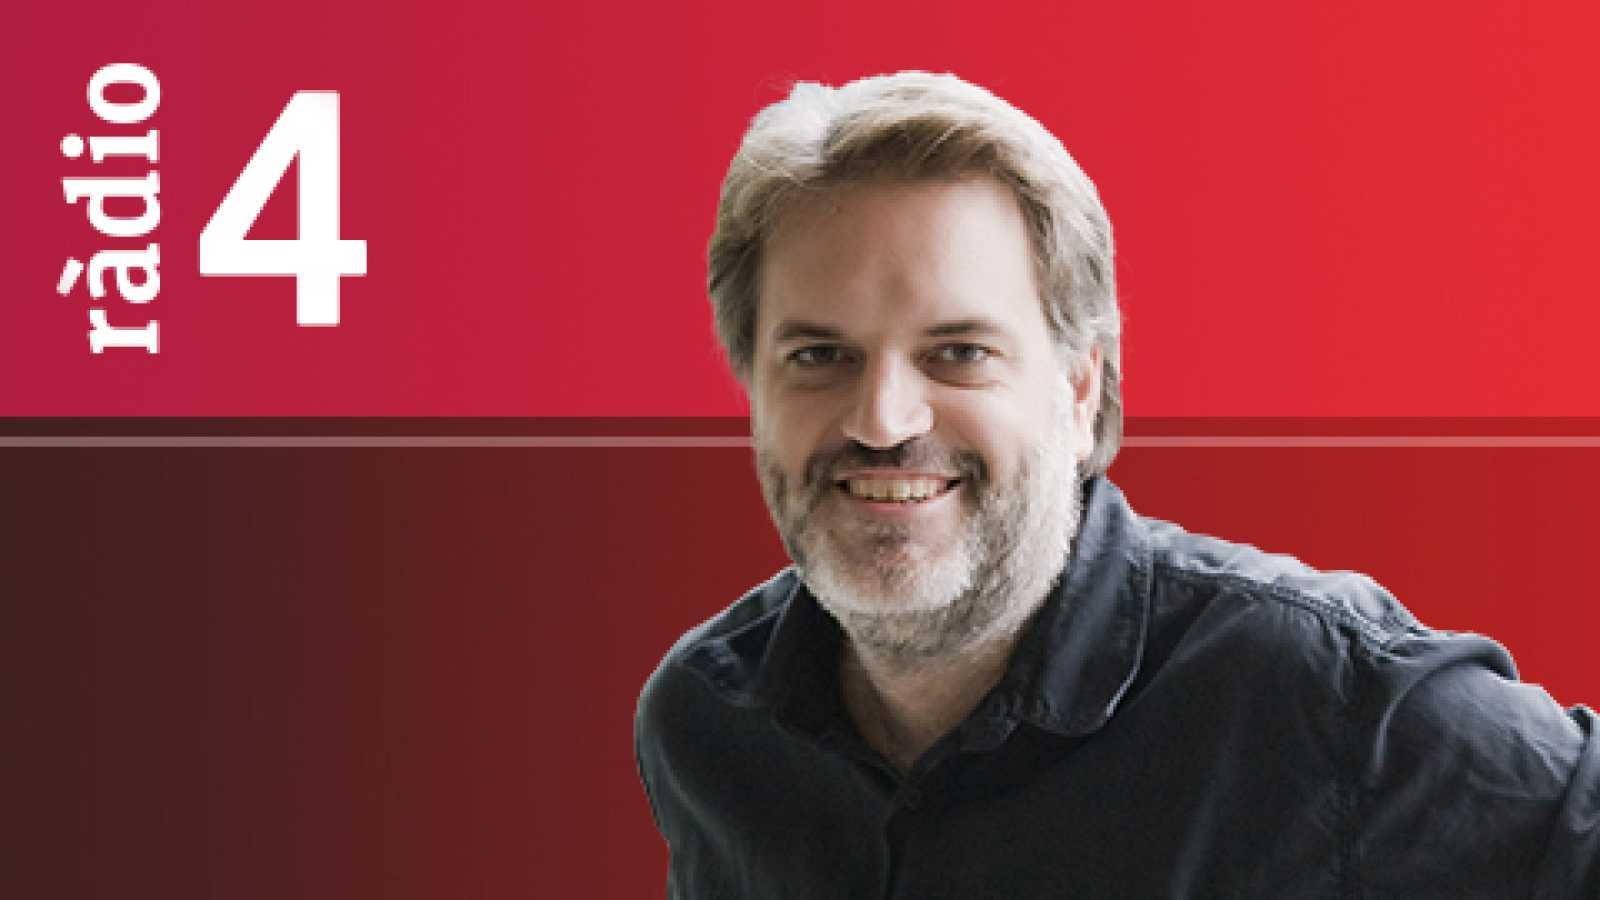 El matí a Ràdio 4 - Entrevista al psicòleg Xavier Guix. 'L'Elogi de la Paraula'. Comunicació amb Josep Salvat